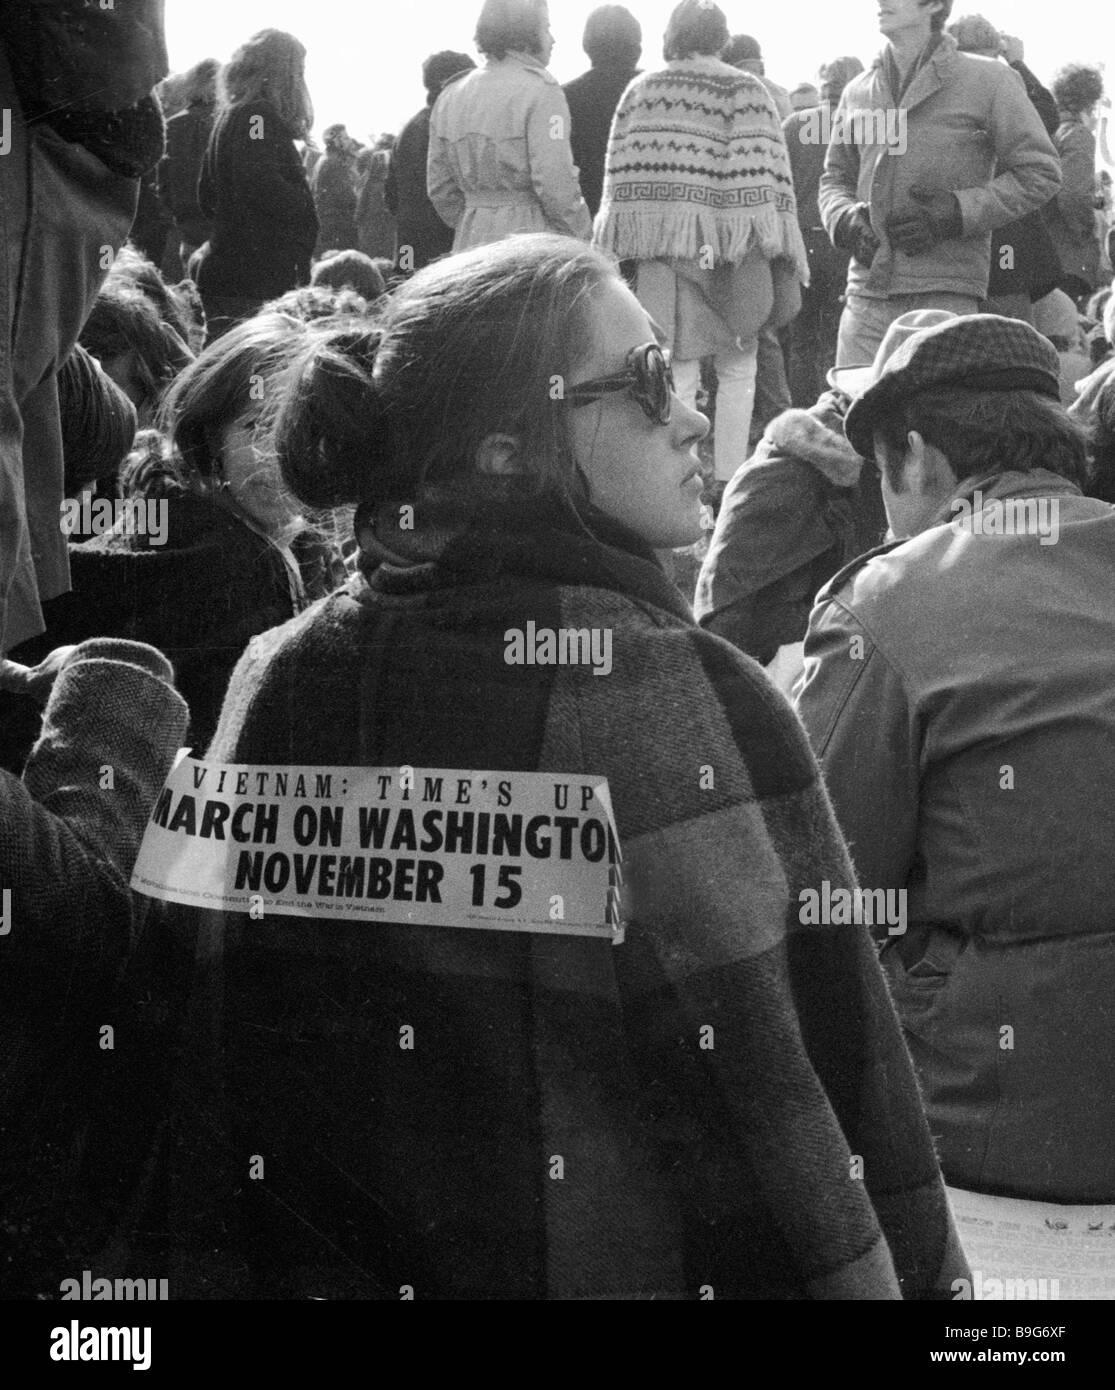 Parole sul retro di un partecipante ad un anti-guerra del Vietnam Vietnam rally del tempo a marzo su Washington Immagini Stock